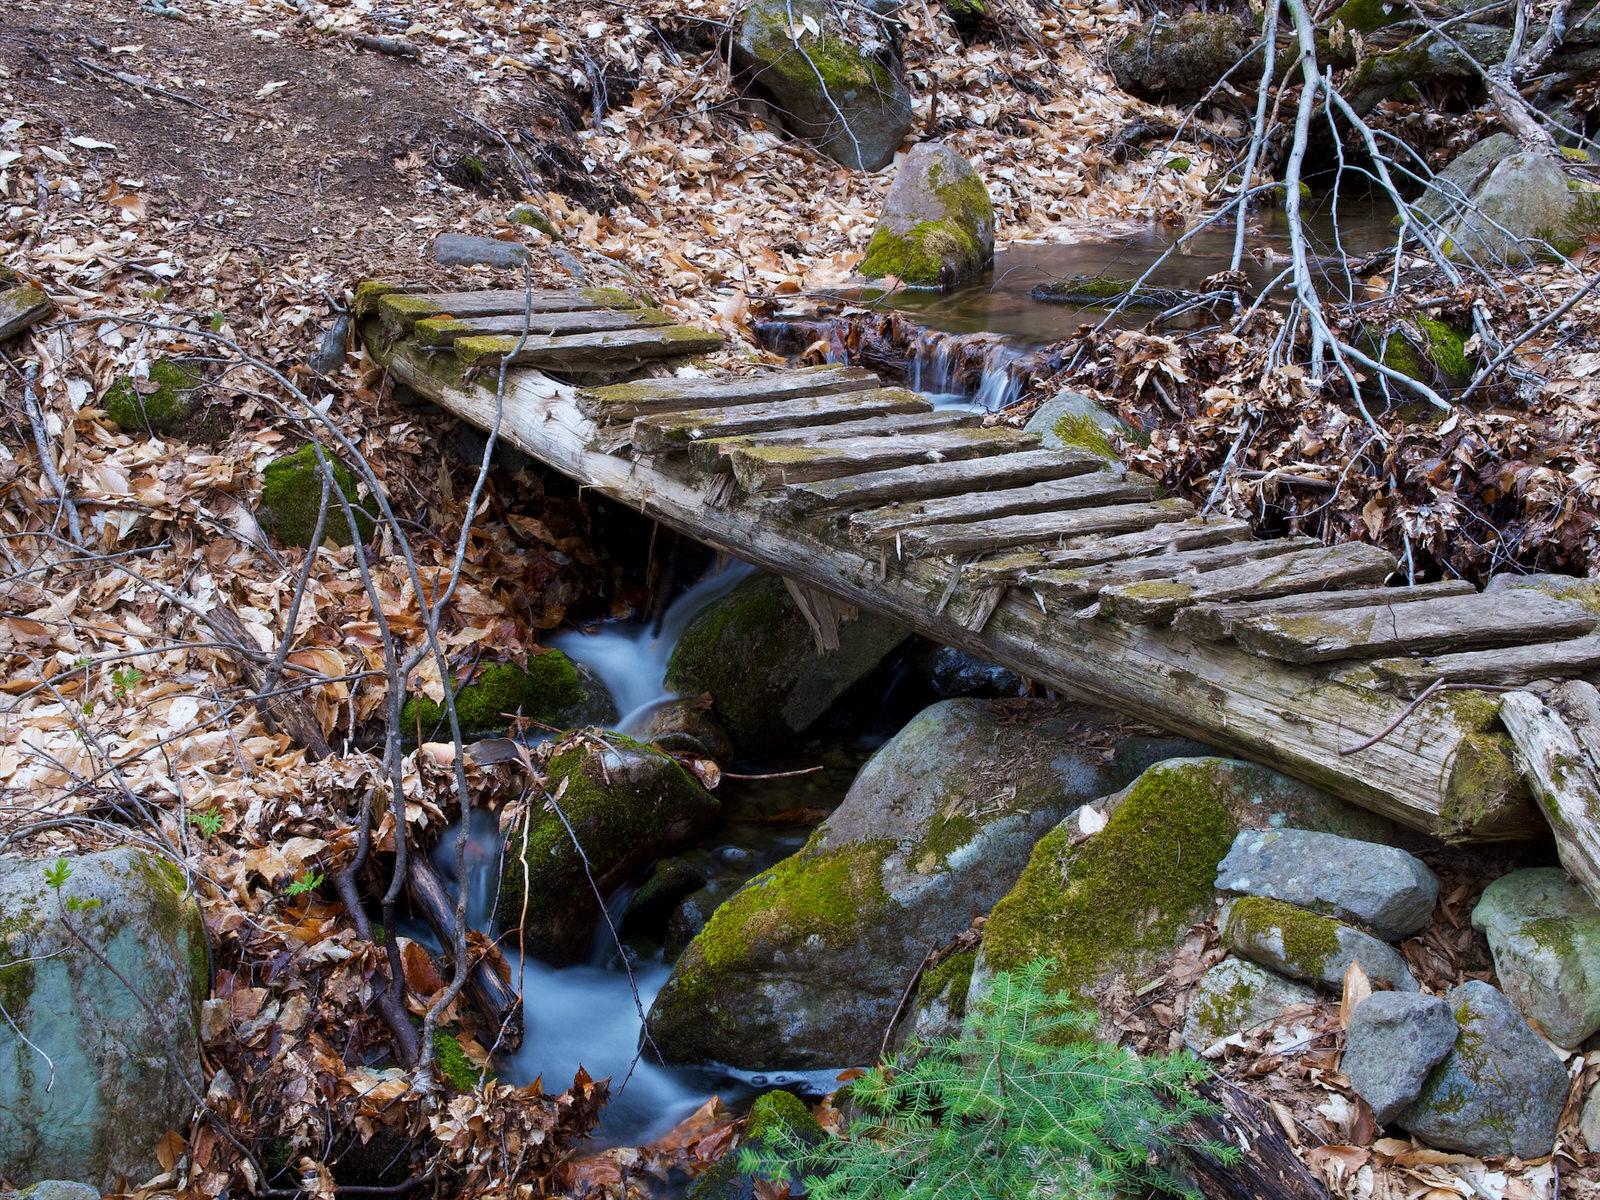 Pont abîmé sur un ruisseau